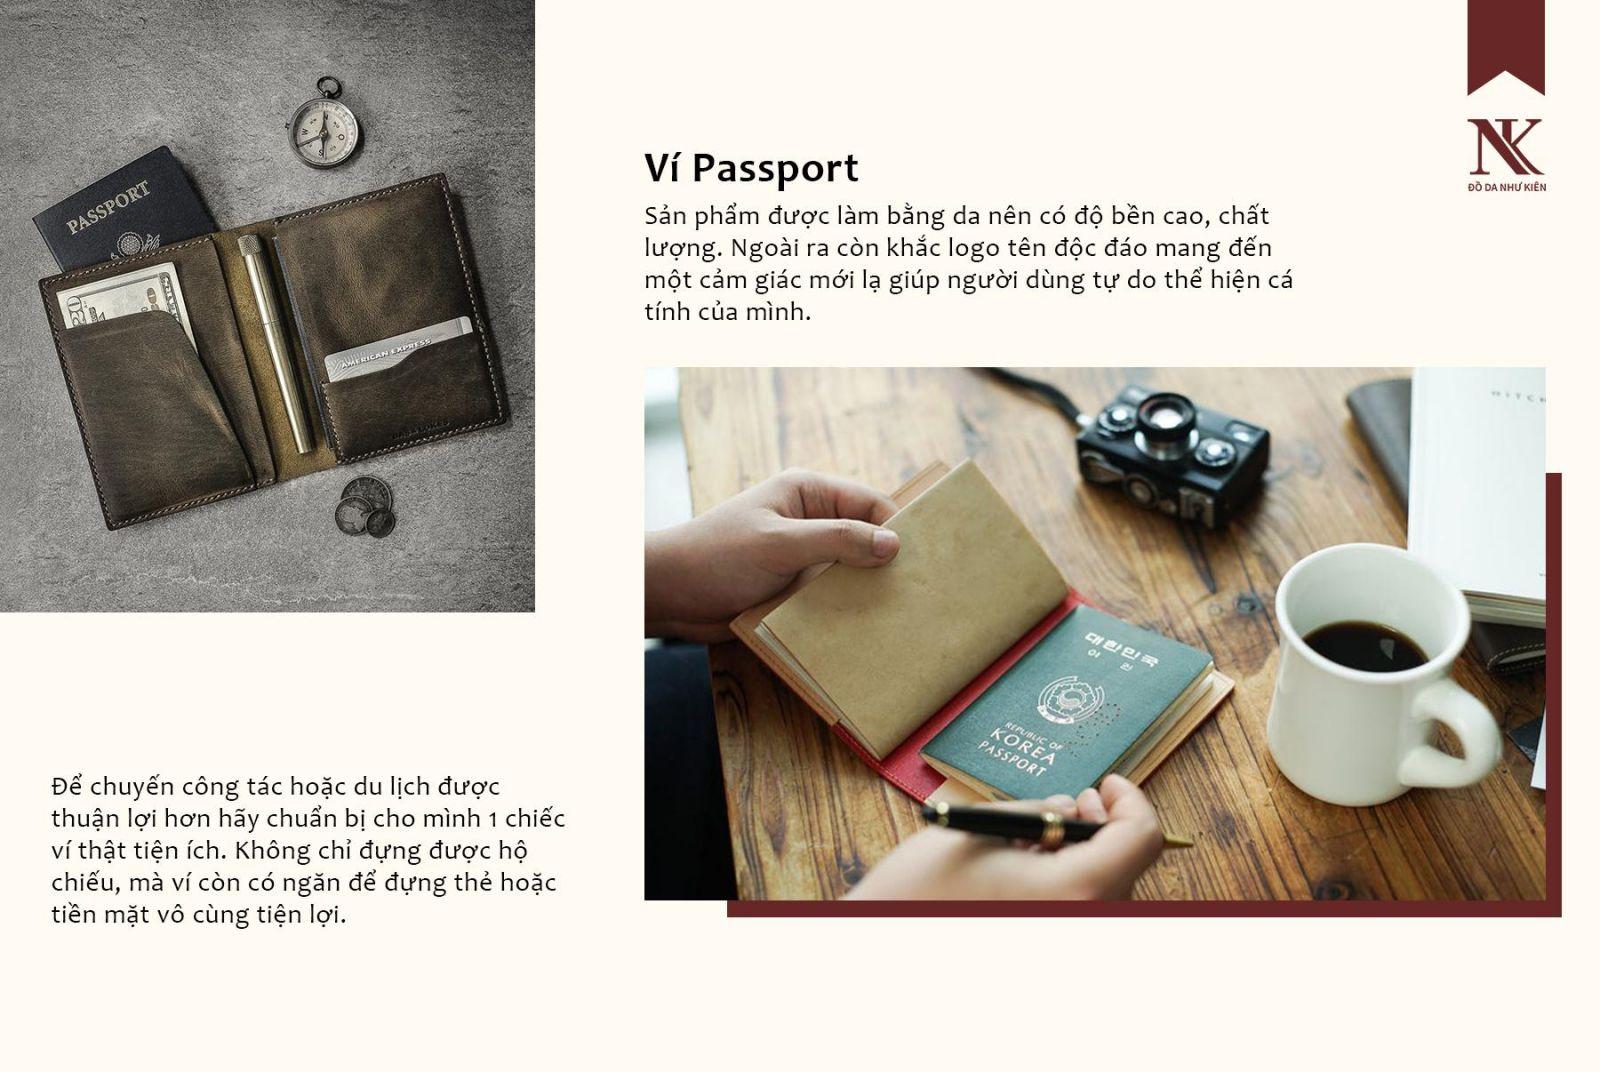 ví passport theo yêu cầu